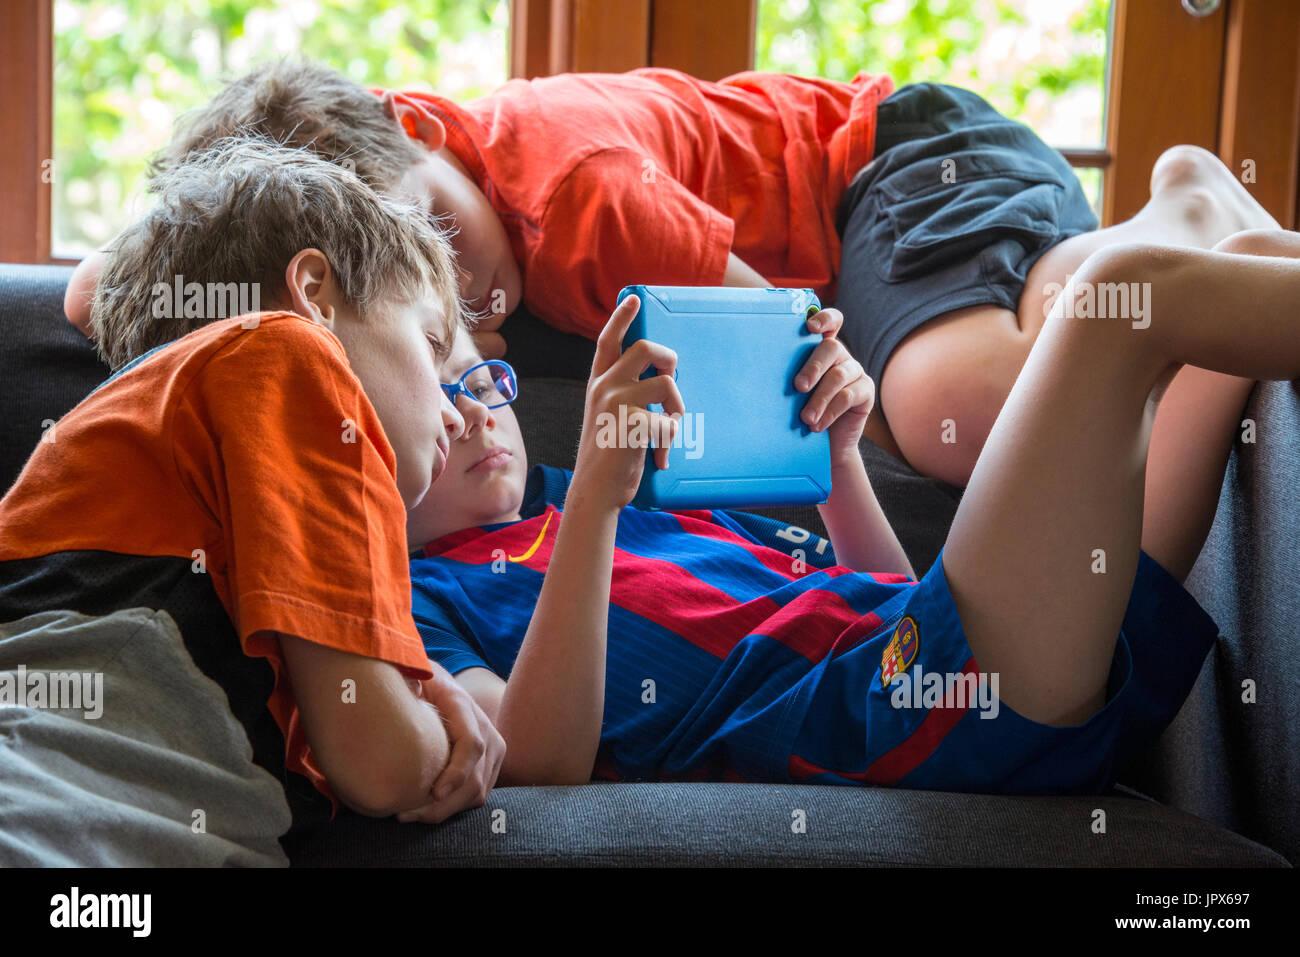 Chico jugar a juegos de ordenador en tablet con otros muchachos, viendo de cerca Foto de stock